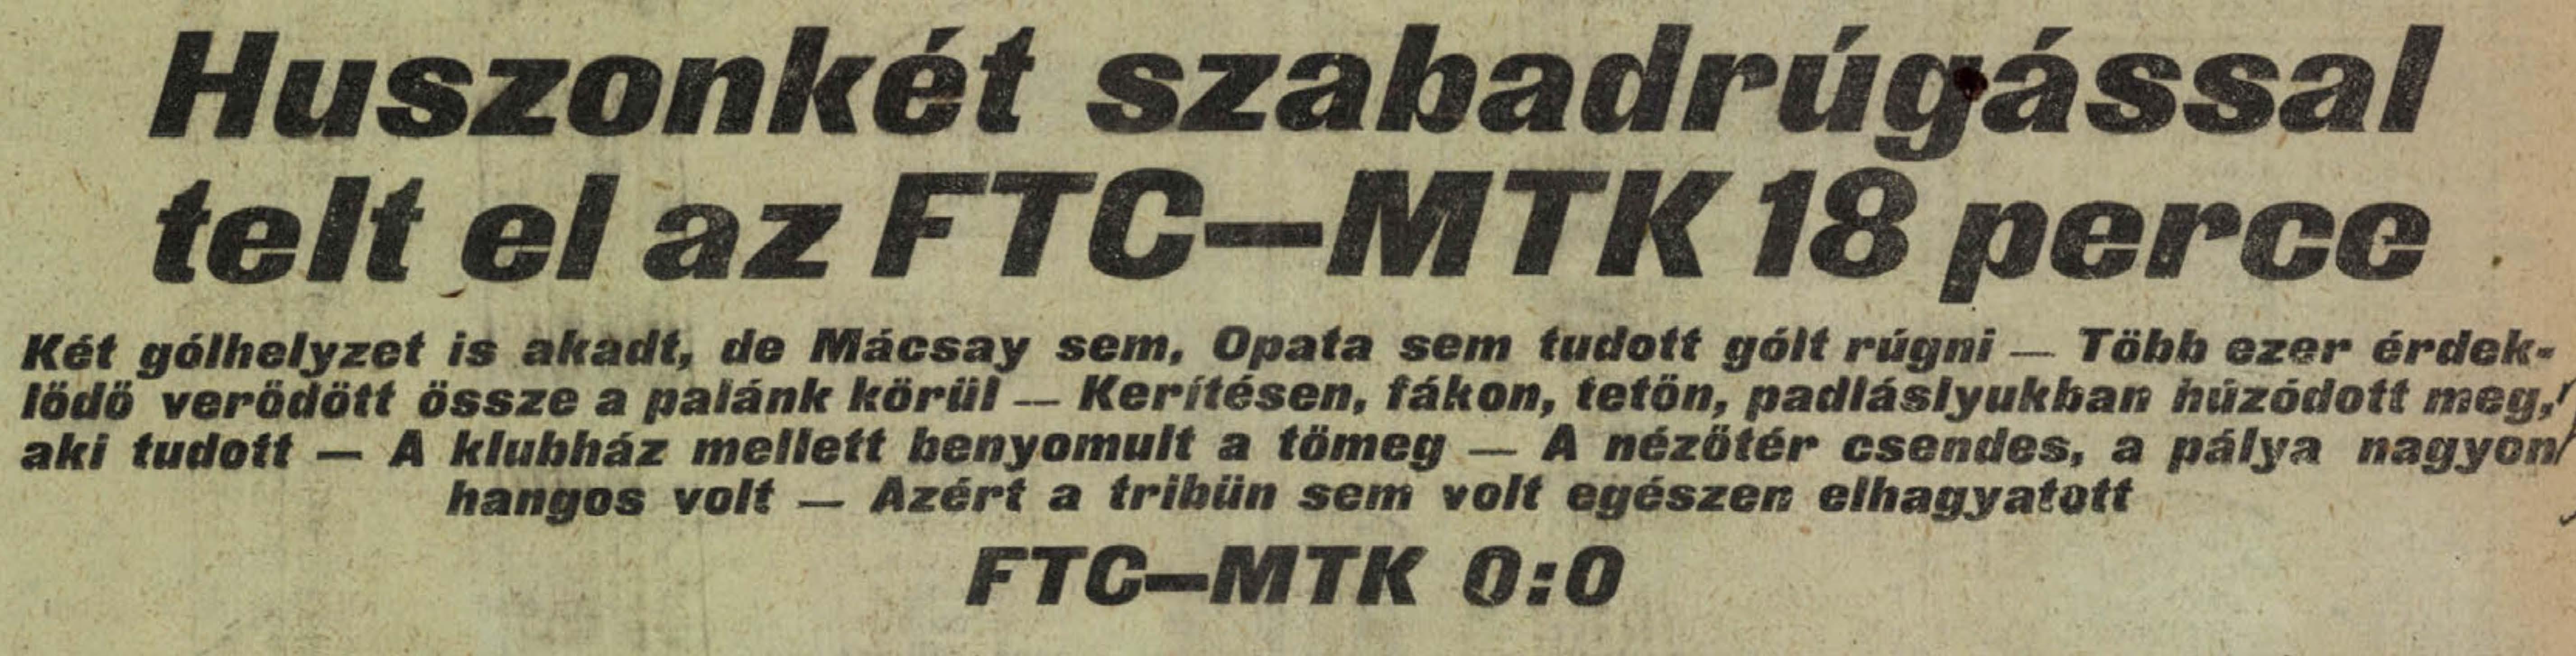 nemzetisport_1926_04_pages88-88.jpg